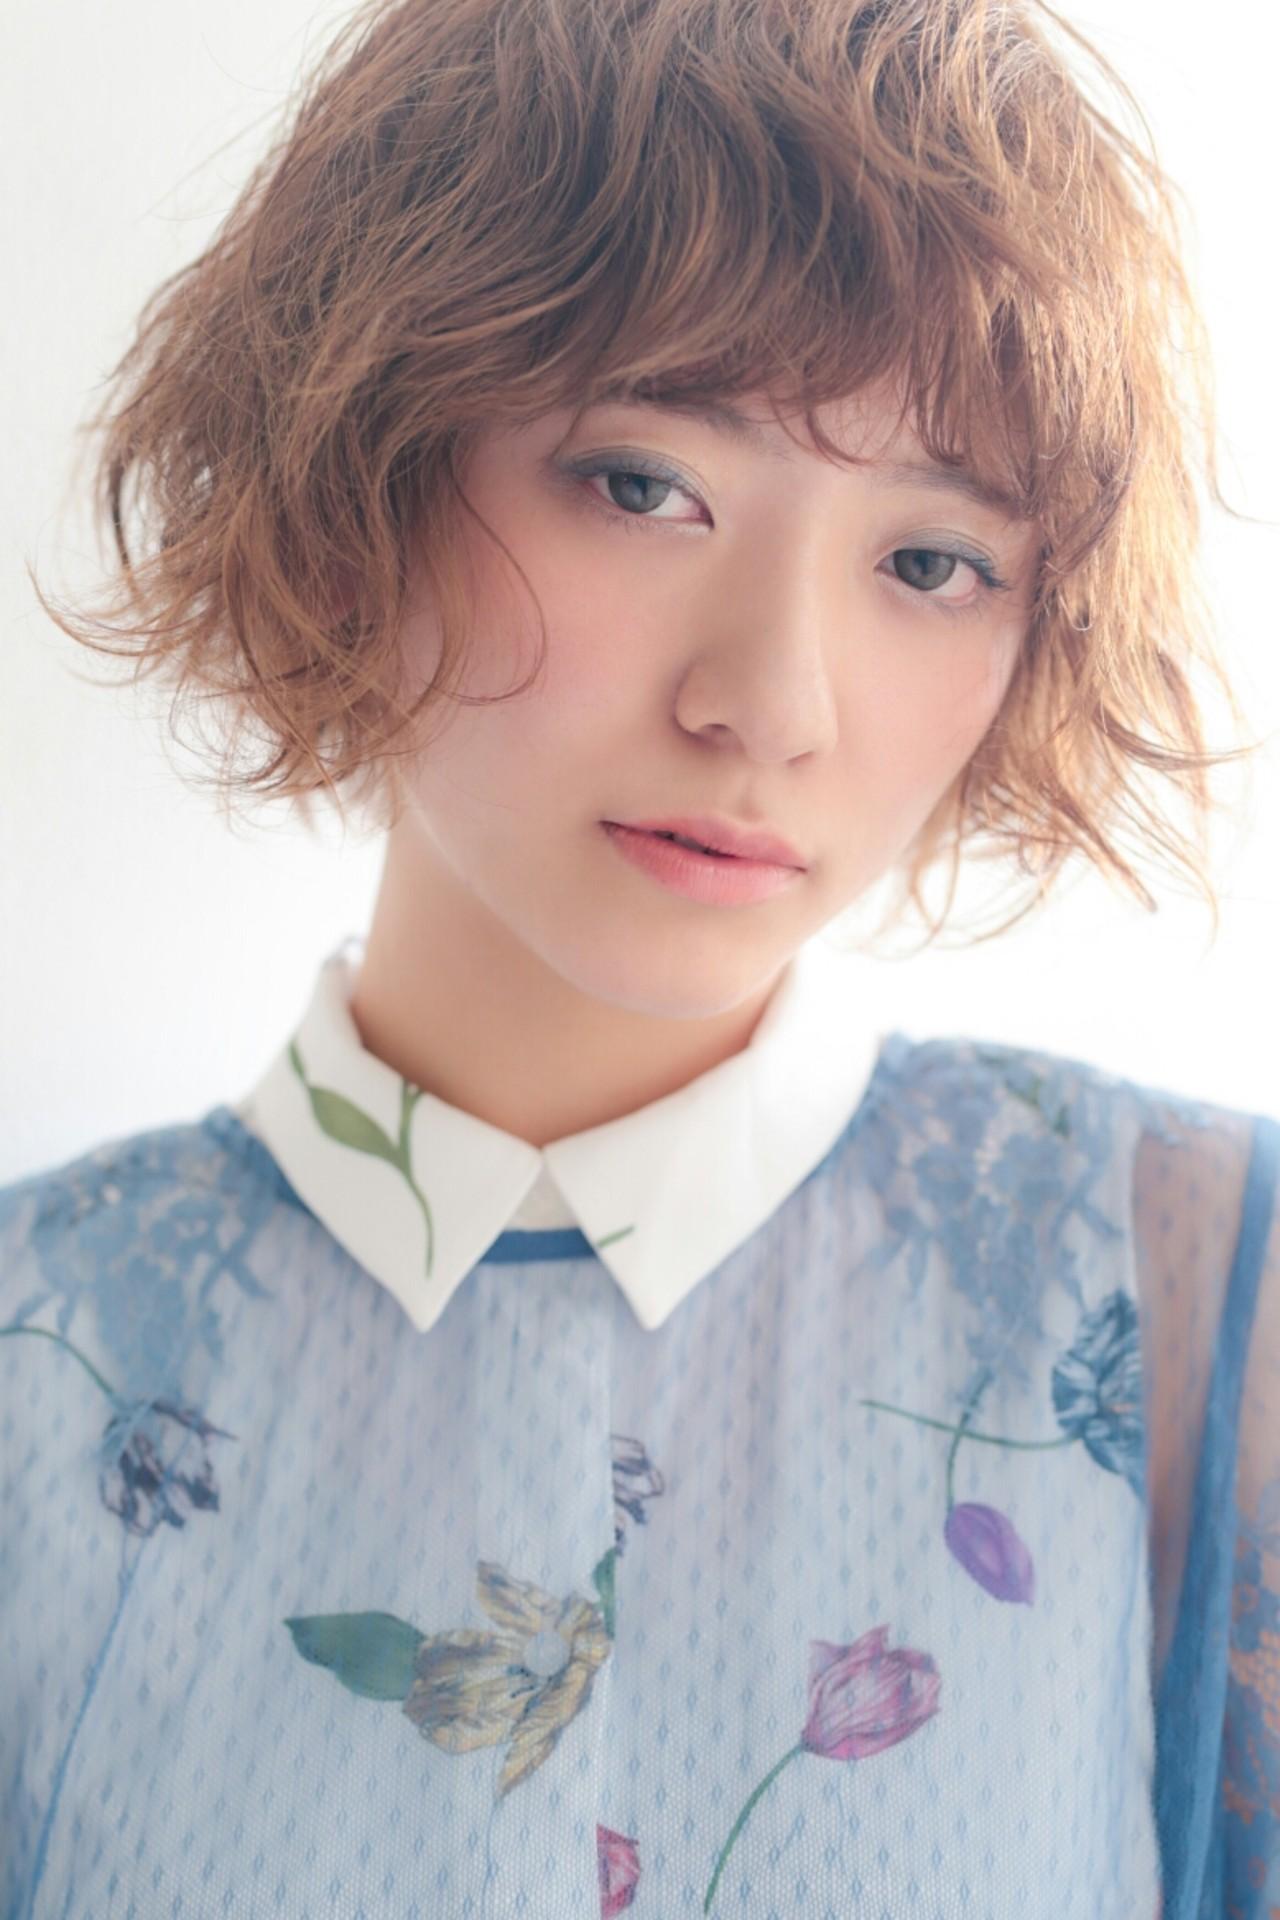 大人女子 アッシュ ゆるふわ ナチュラル ヘアスタイルや髪型の写真・画像 | Yukie Horiuchi / スパイスアヴェダ